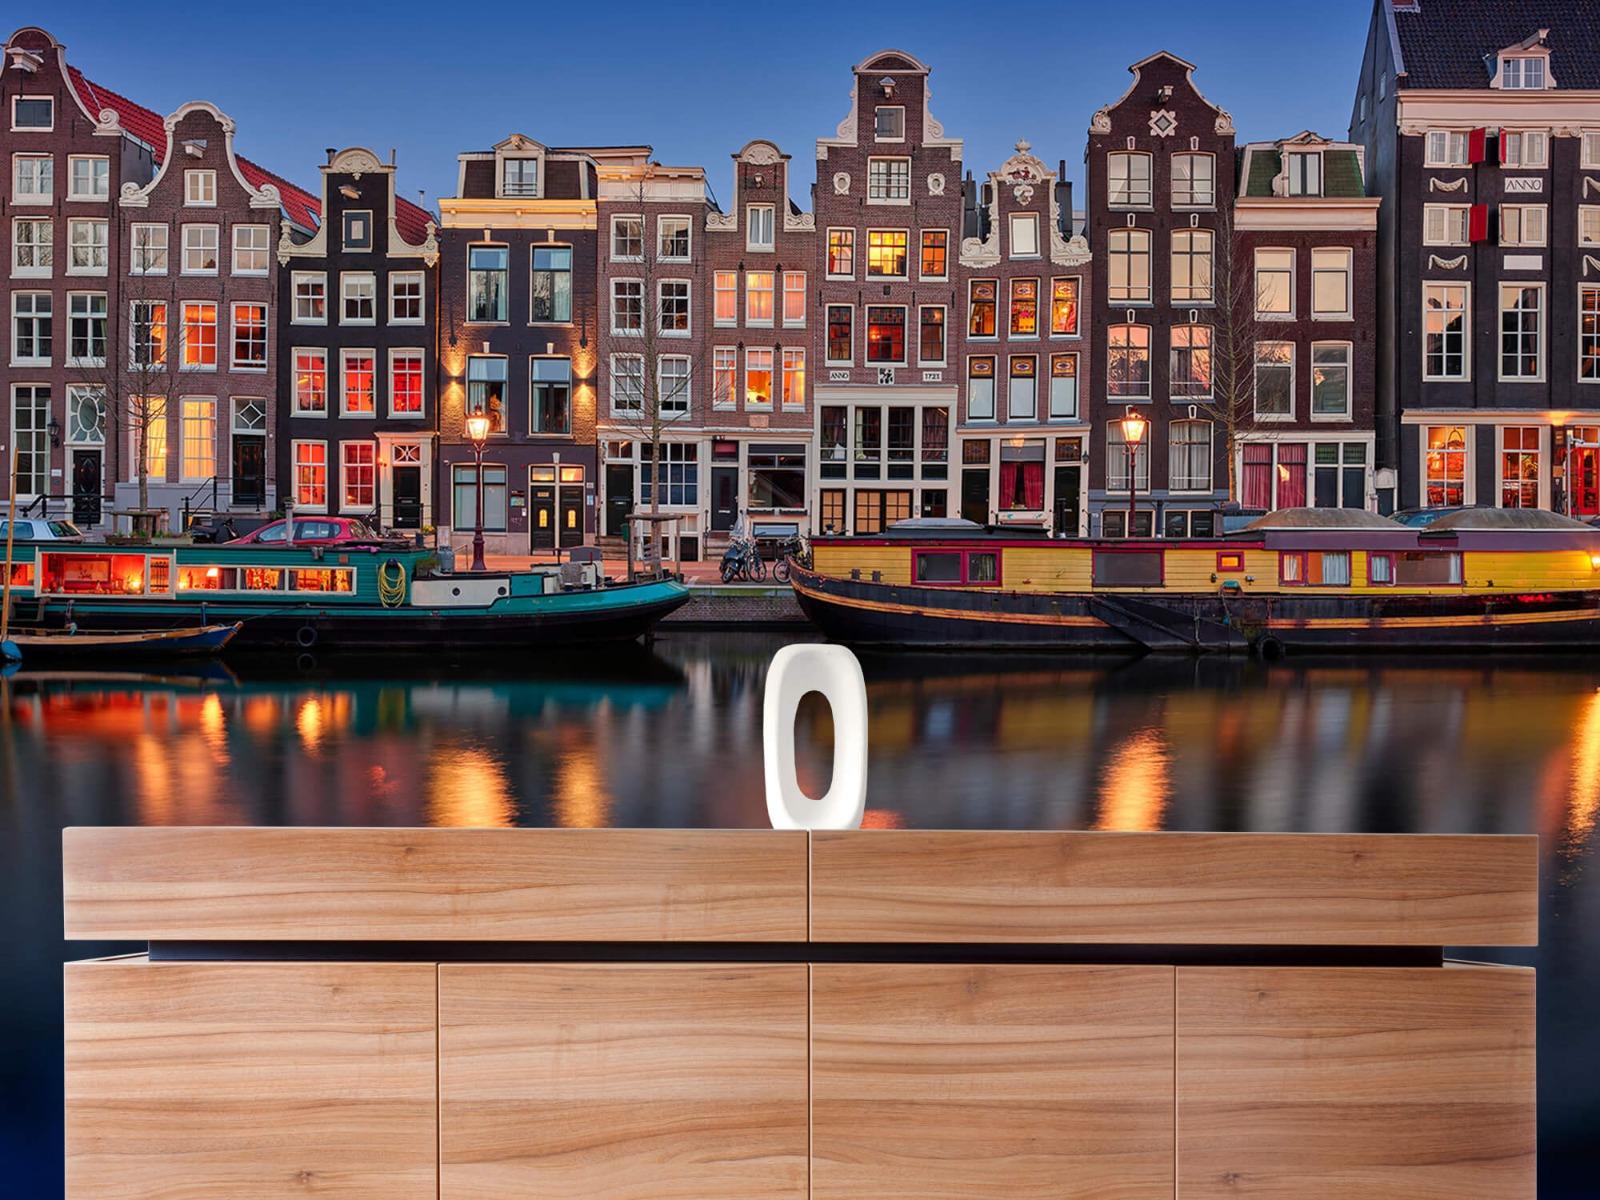 Architectuur - Grachtenpanden Amsterdam - Tienerkamer 20